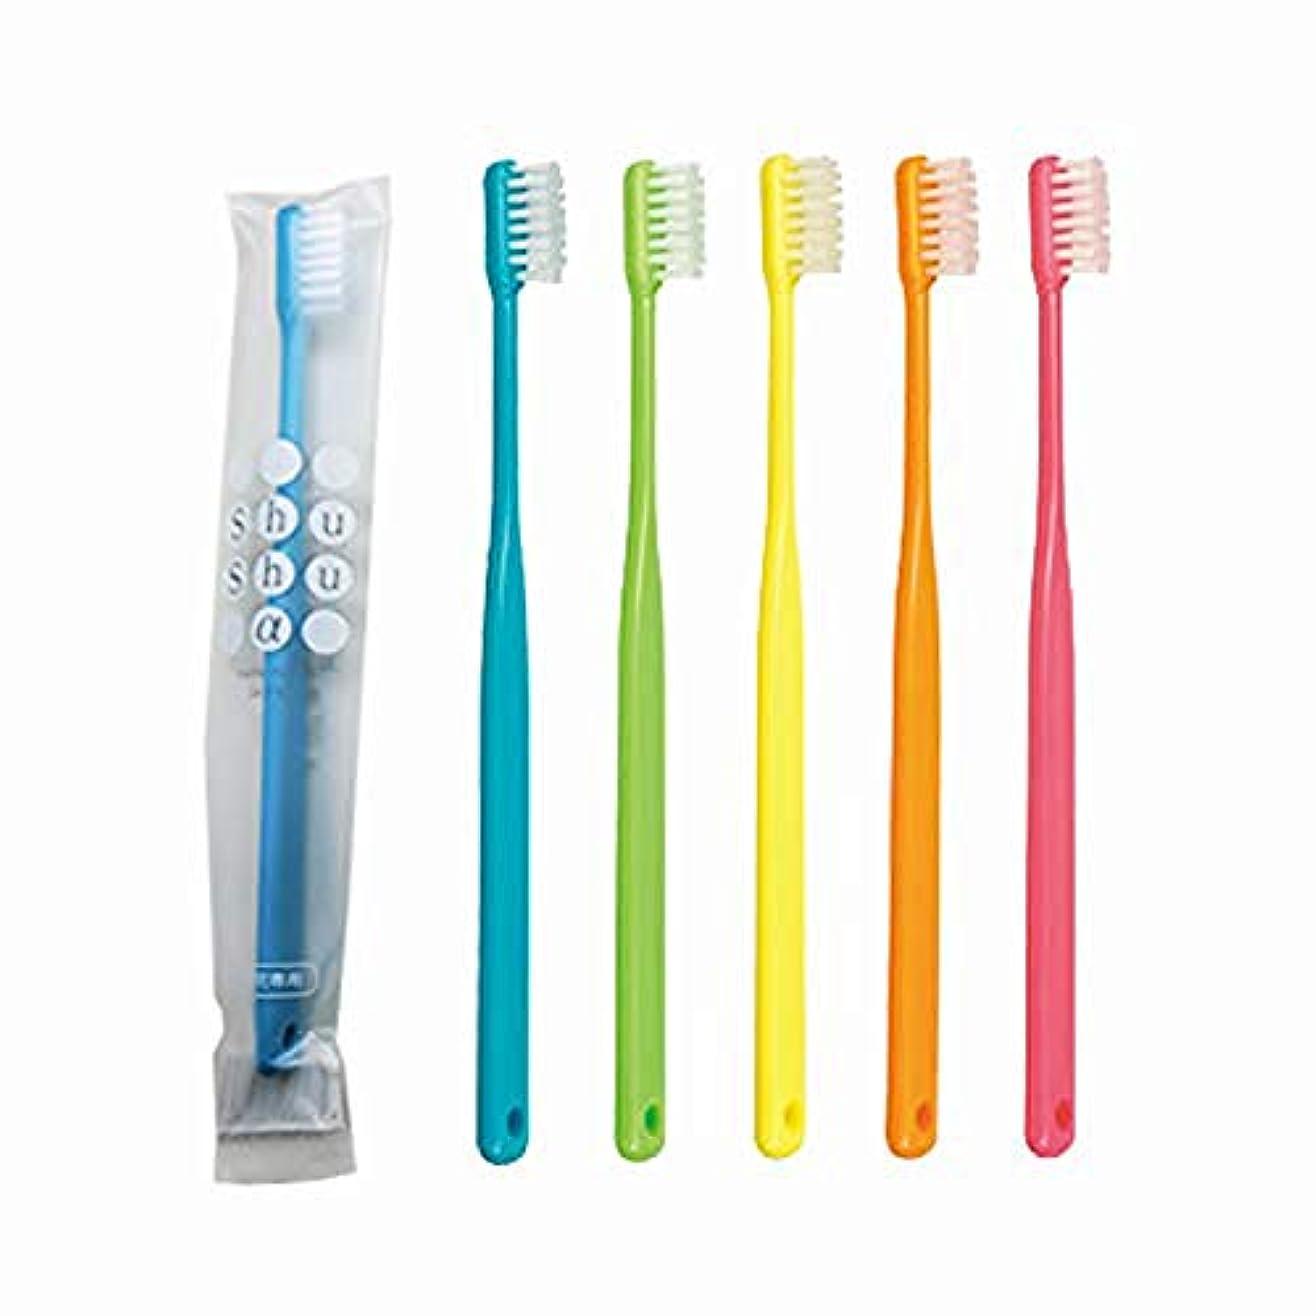 いつでもクレデンシャル苦痛歯科専売品 大人用歯ブラシ FEED Shu Shu α(シュシュアルファ)×10本 S (やわらかめ)